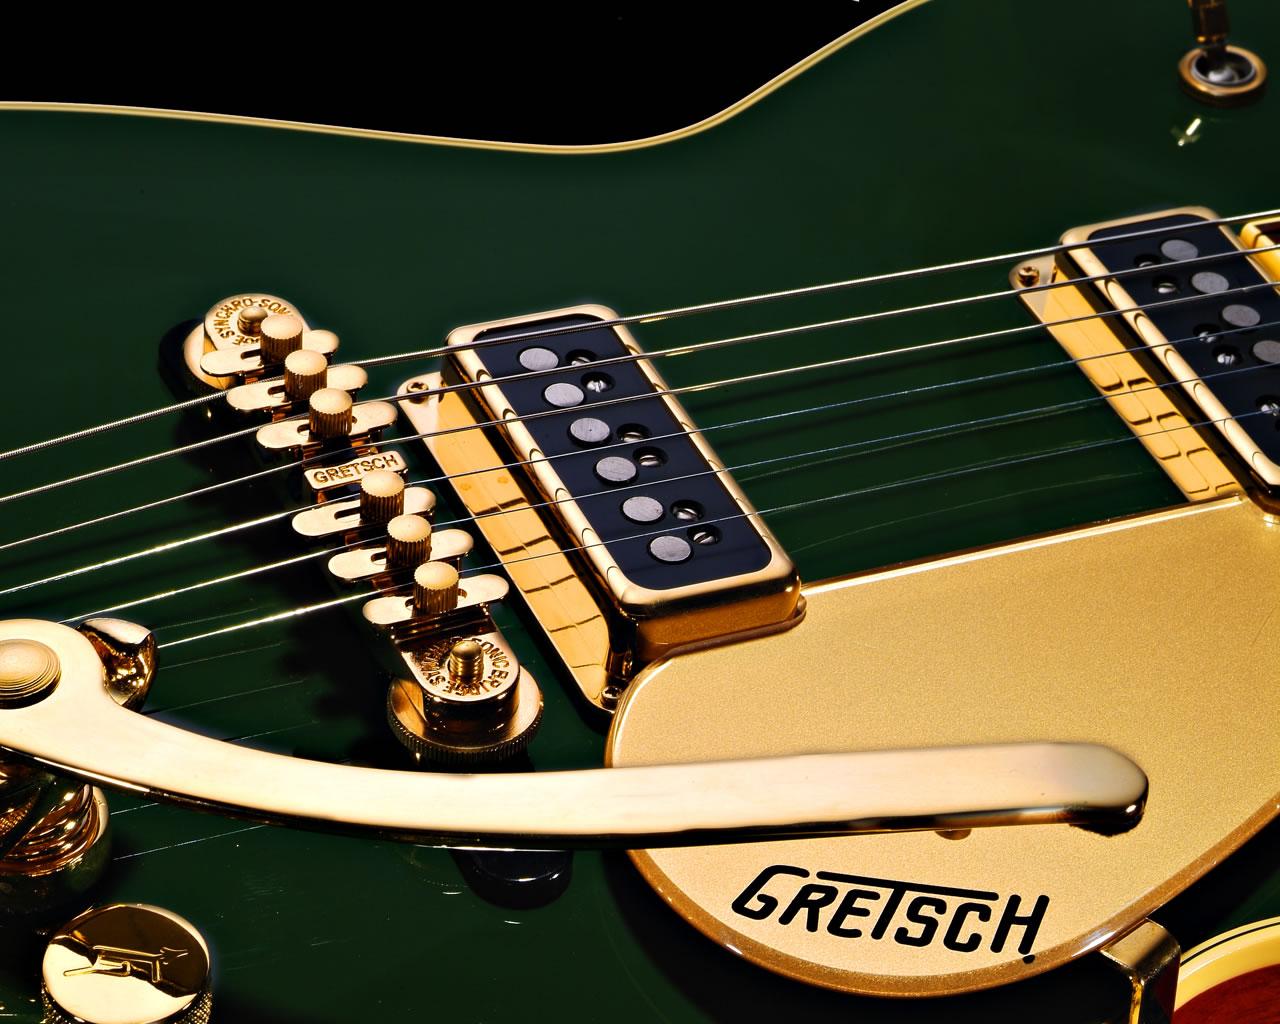 Gretsch Guitar Wallpaper